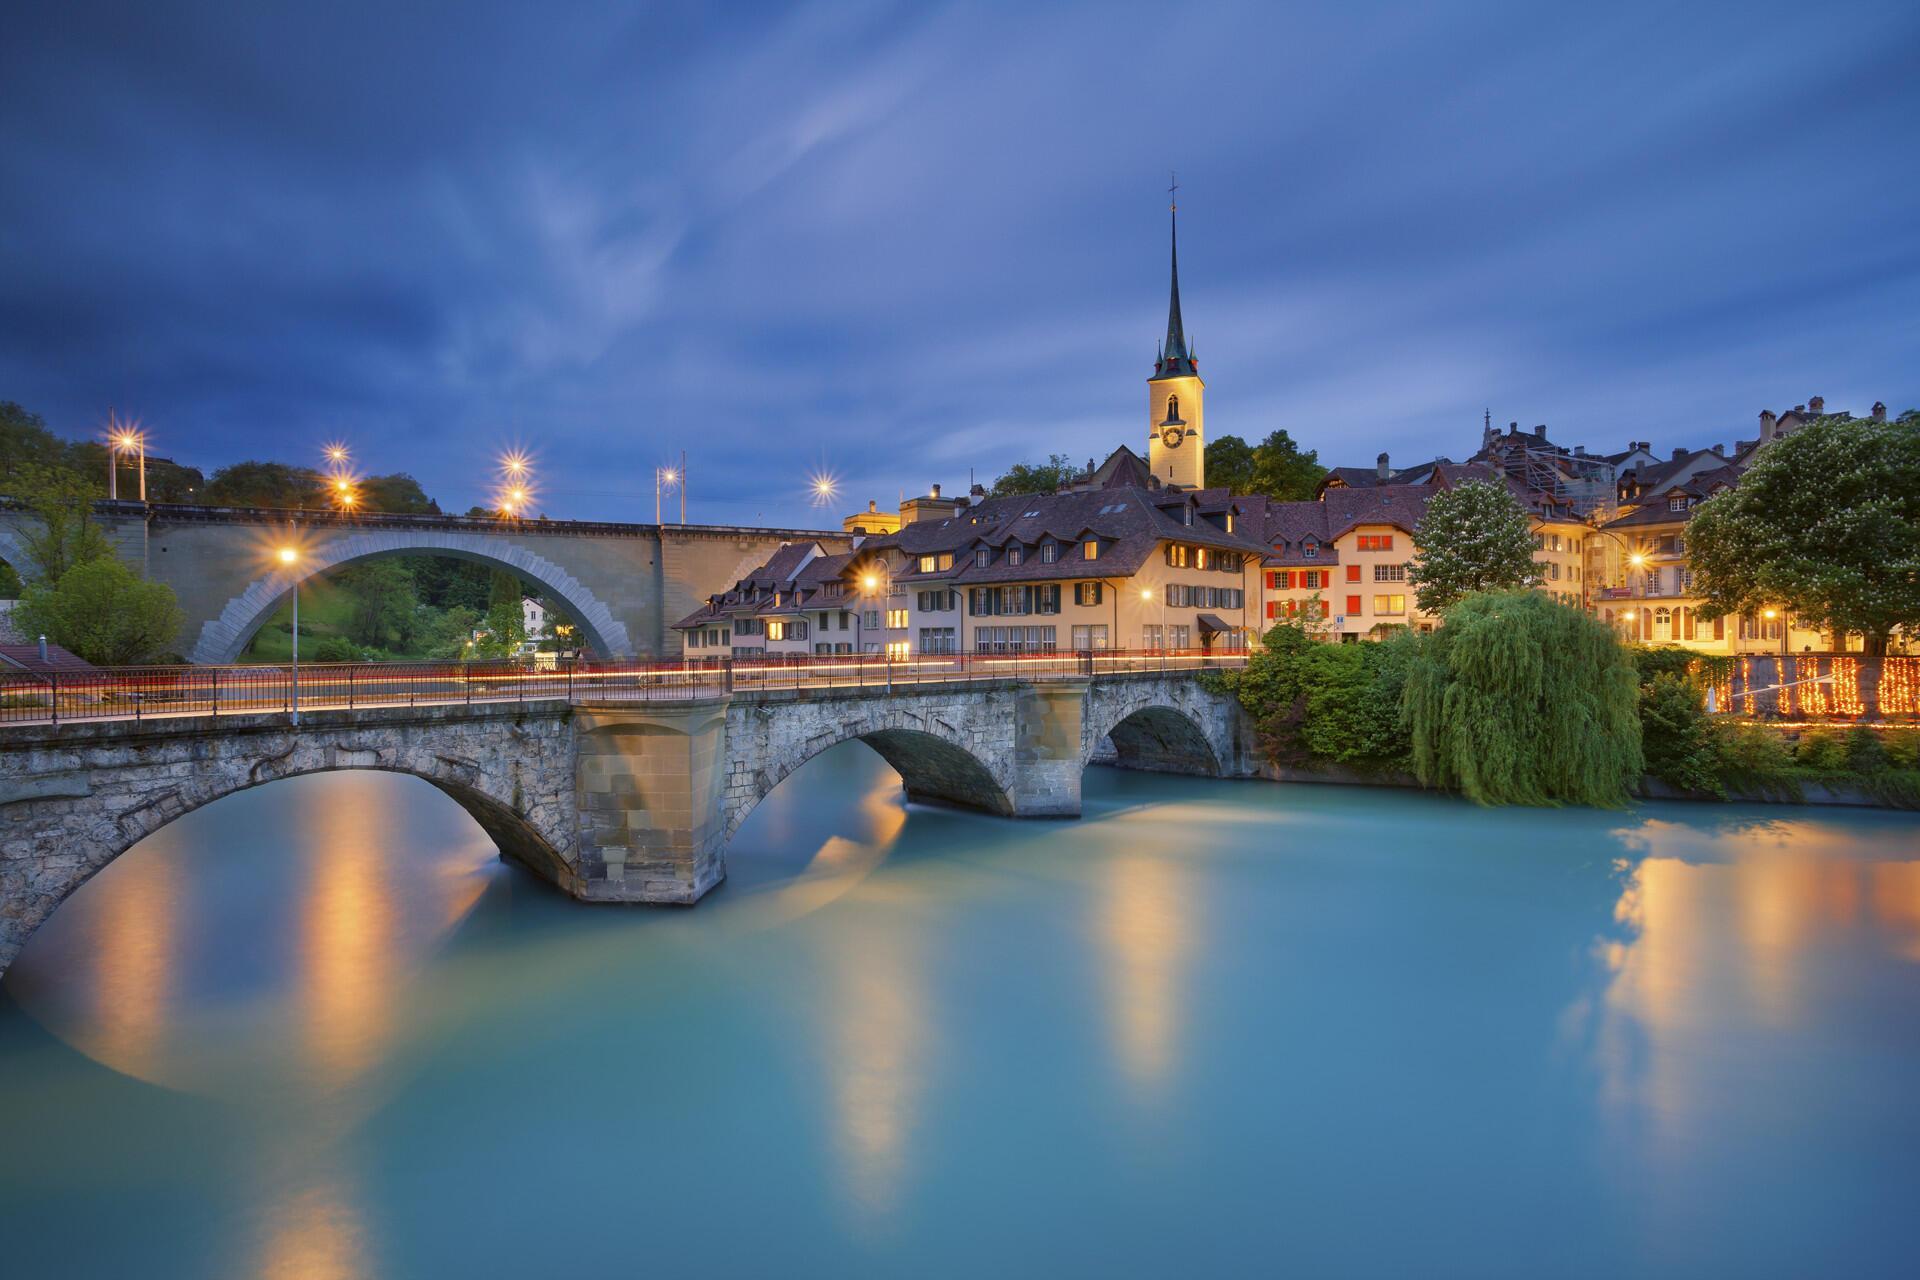 Yaşam kalitesi en yüksek şehir: Bern